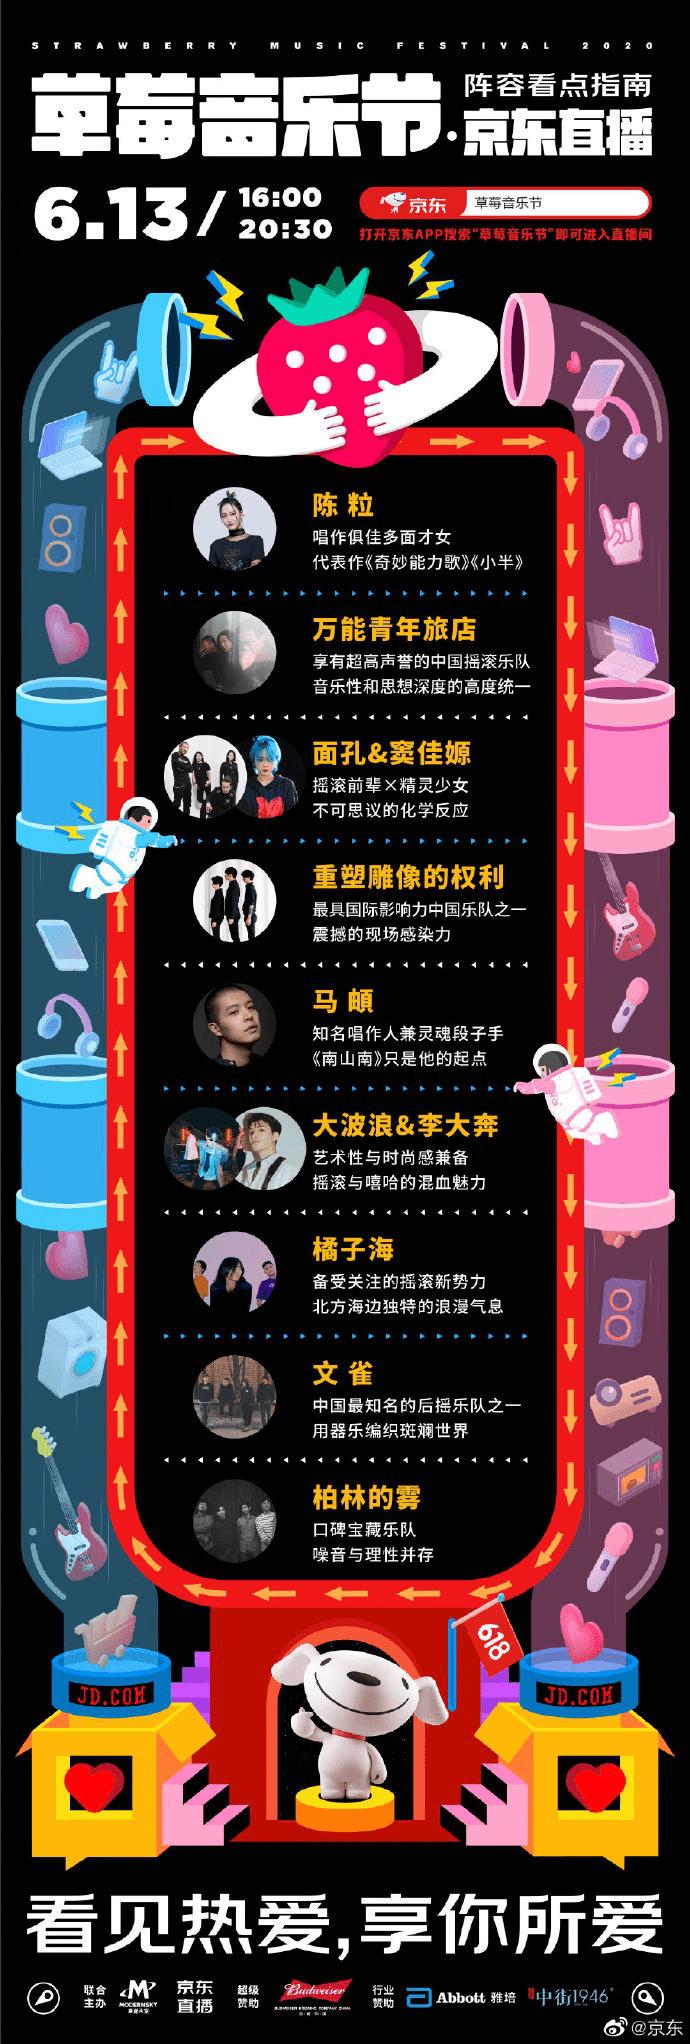 线上草莓音乐节京东配资官网 免费看,这一届的阵容更强大了